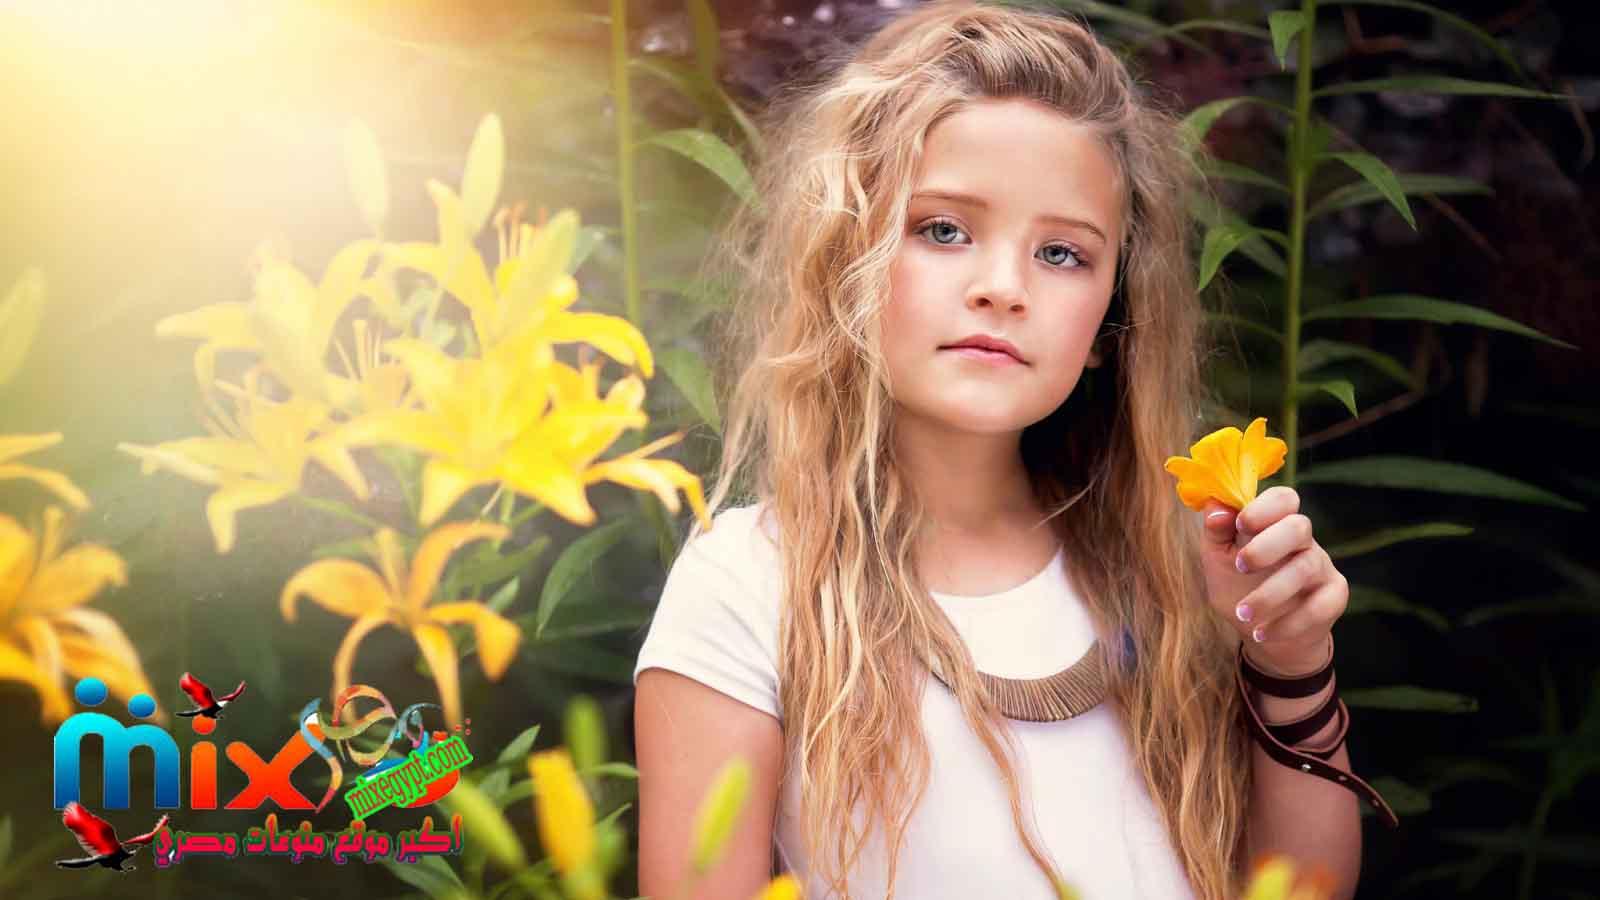 صور أطفال جميلة 2020 اجمل صور الاطفال صور بيبى جميلة ولاد وبنات صغار 32